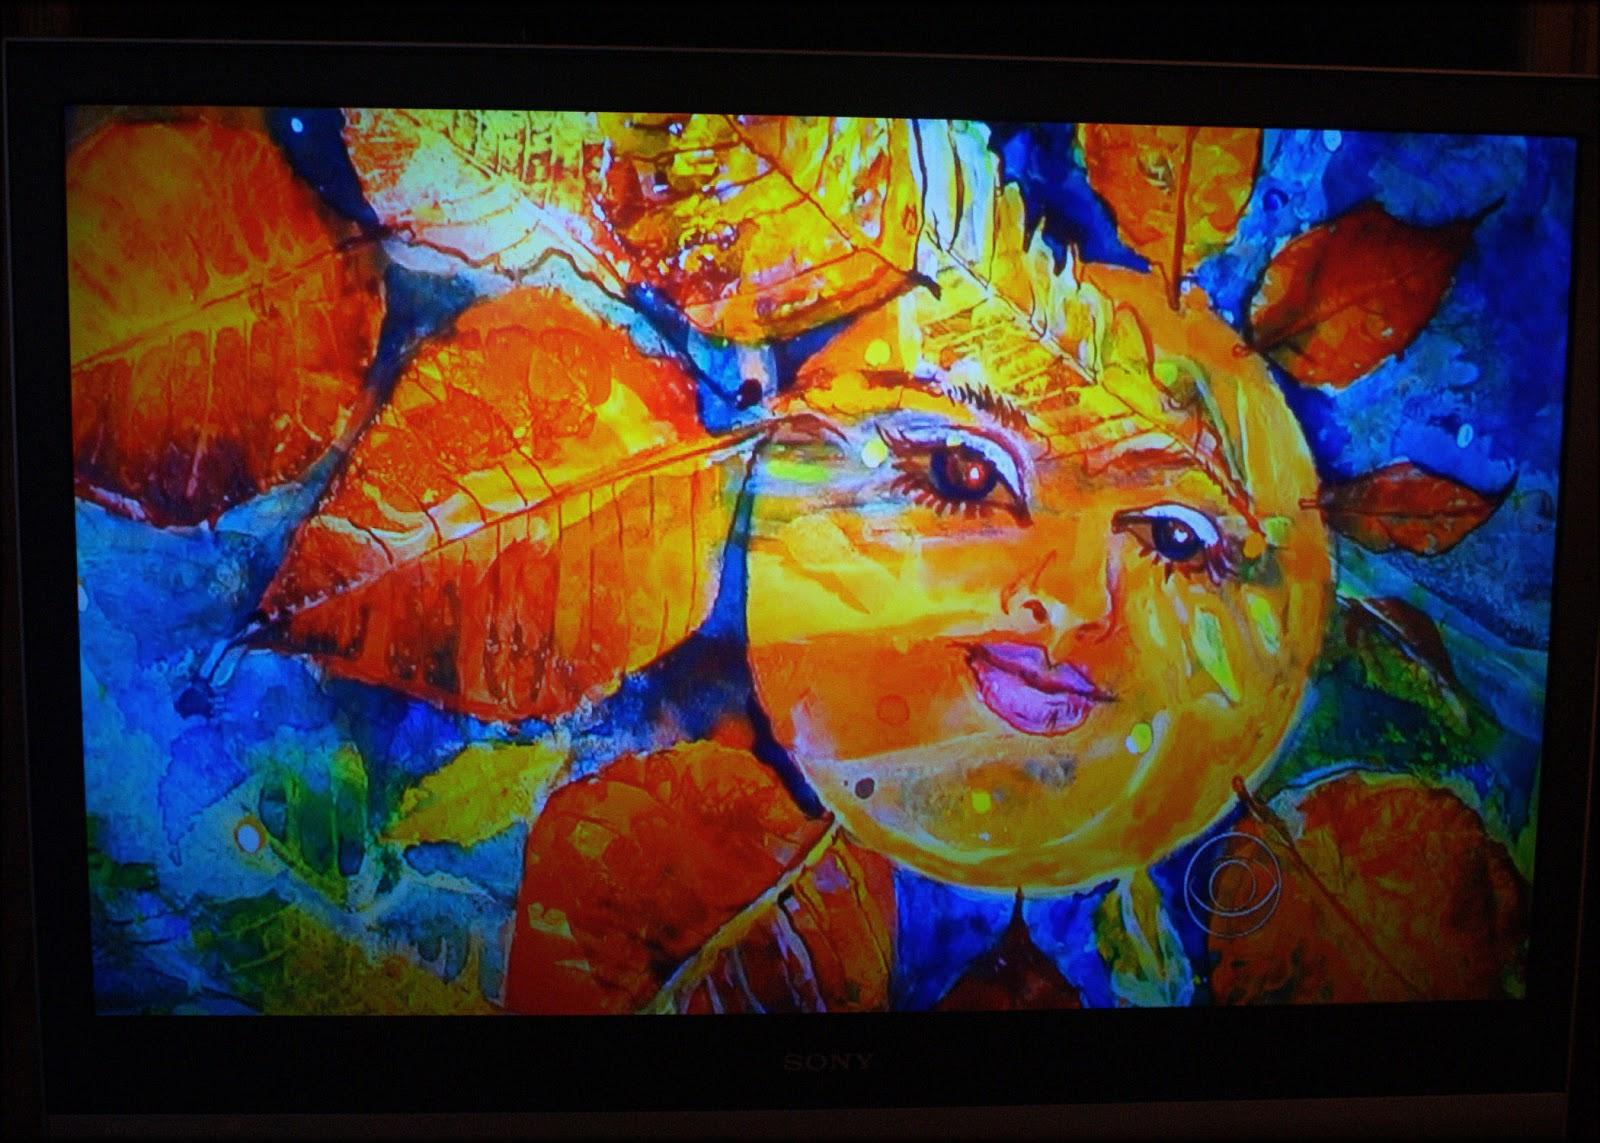 Cbs sunday morning sun art library